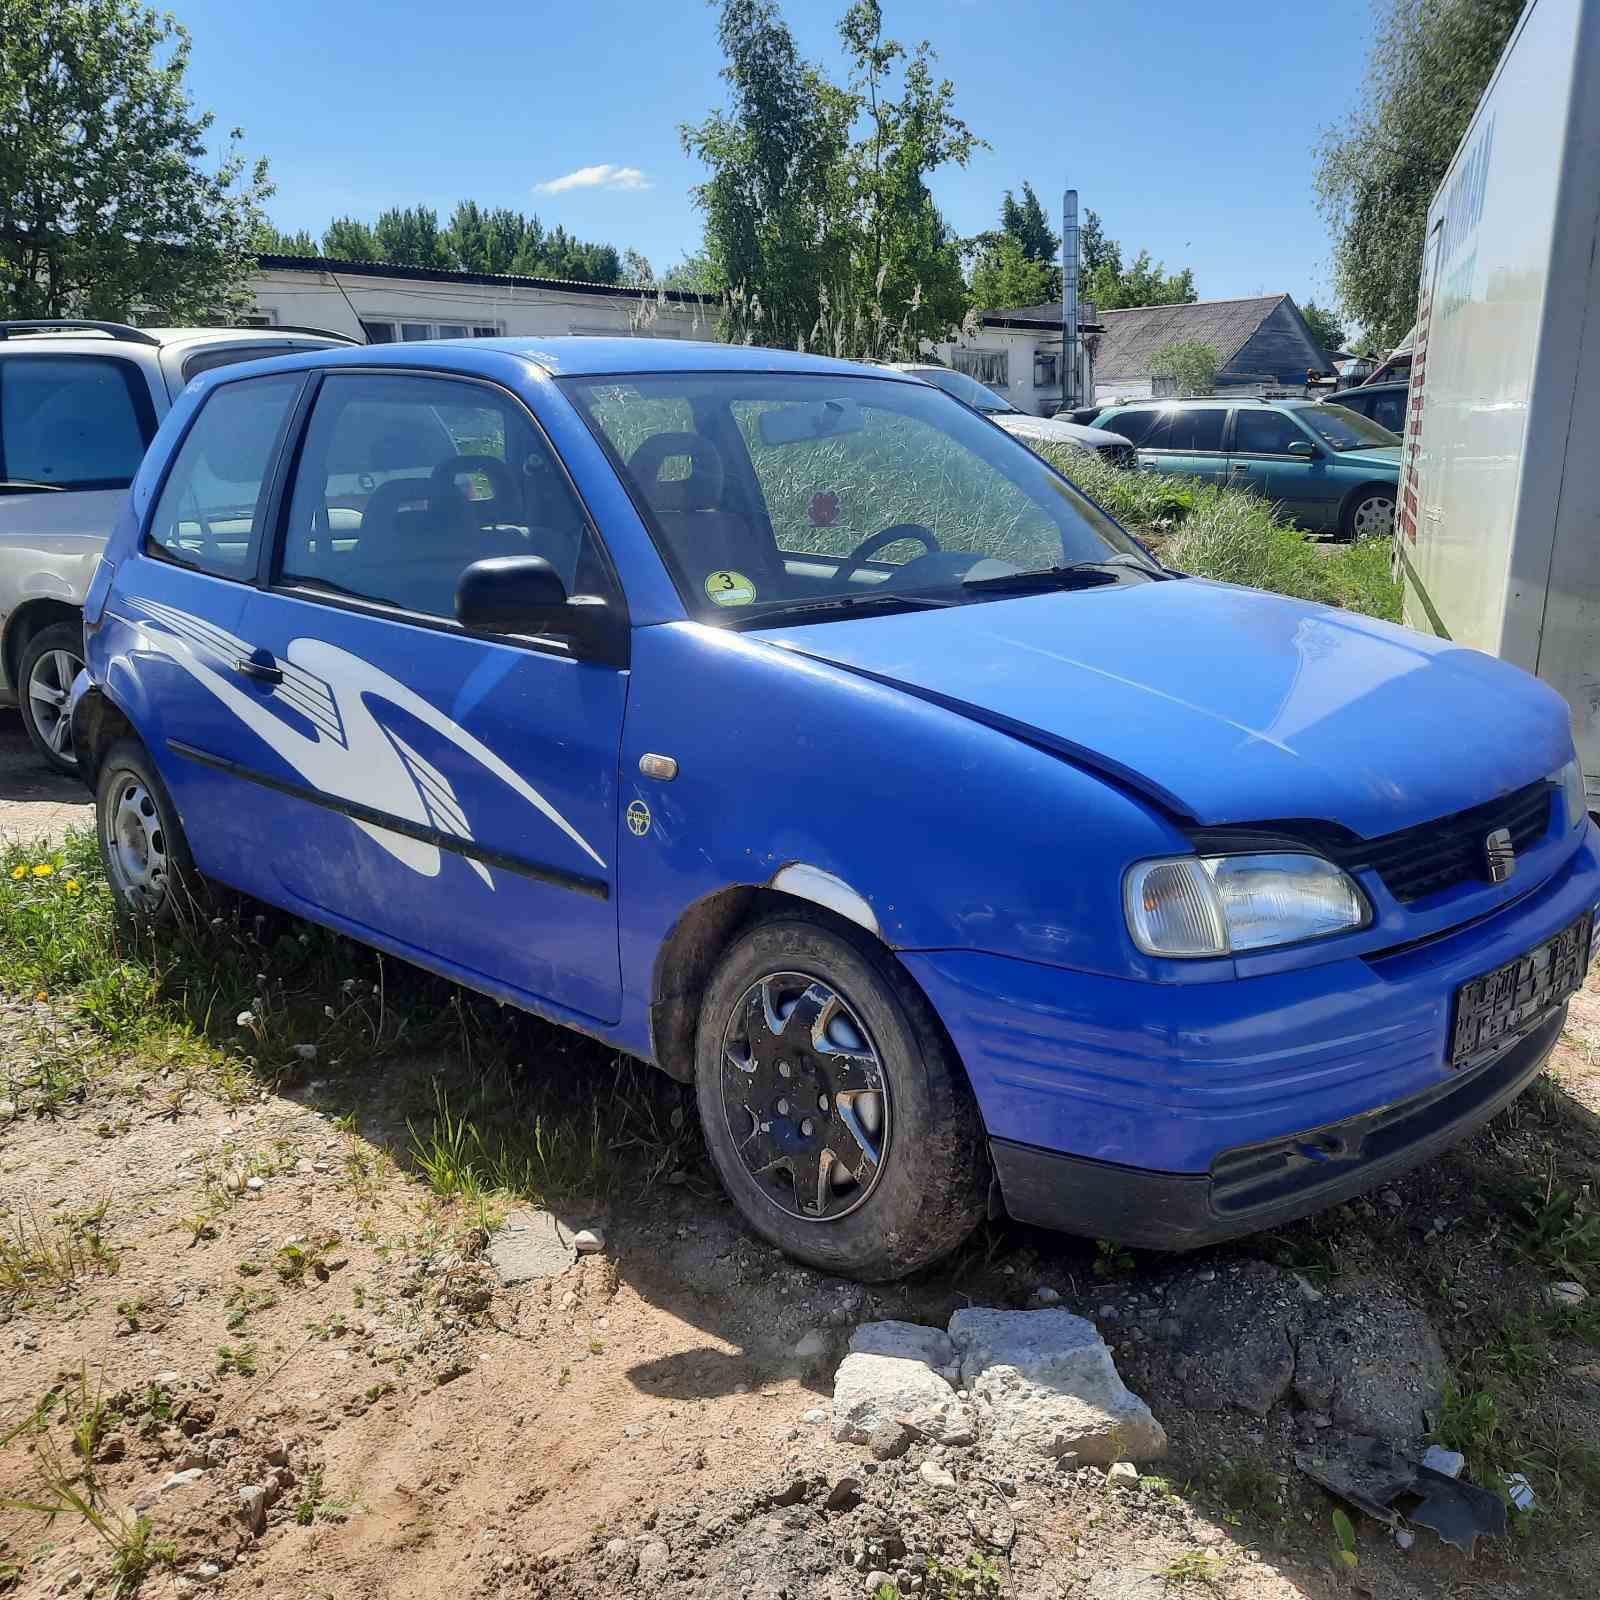 Foto-1 Seat Arosa Arosa 1997 - 2004 2000 Diesel 1.7